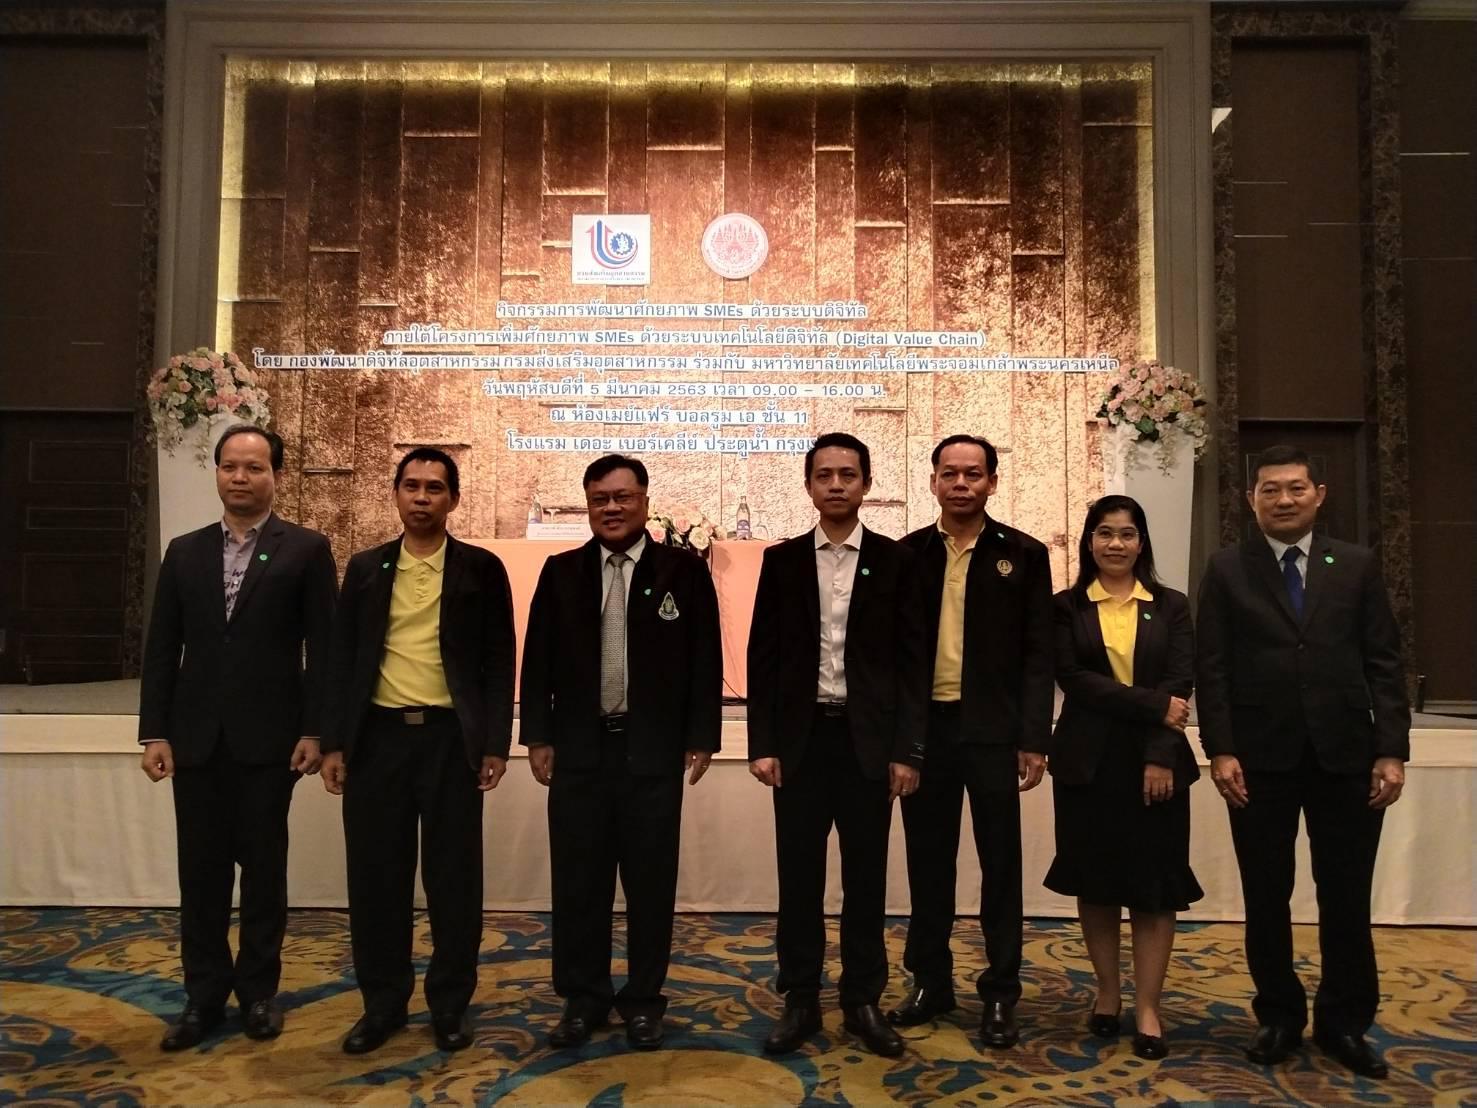 กองพัฒนาดิจิทัลฯ จับมือ มจพ. เสริมศักยภาพดิจิทัล เอสเอ็มอีไทย สู่ระดับโลก